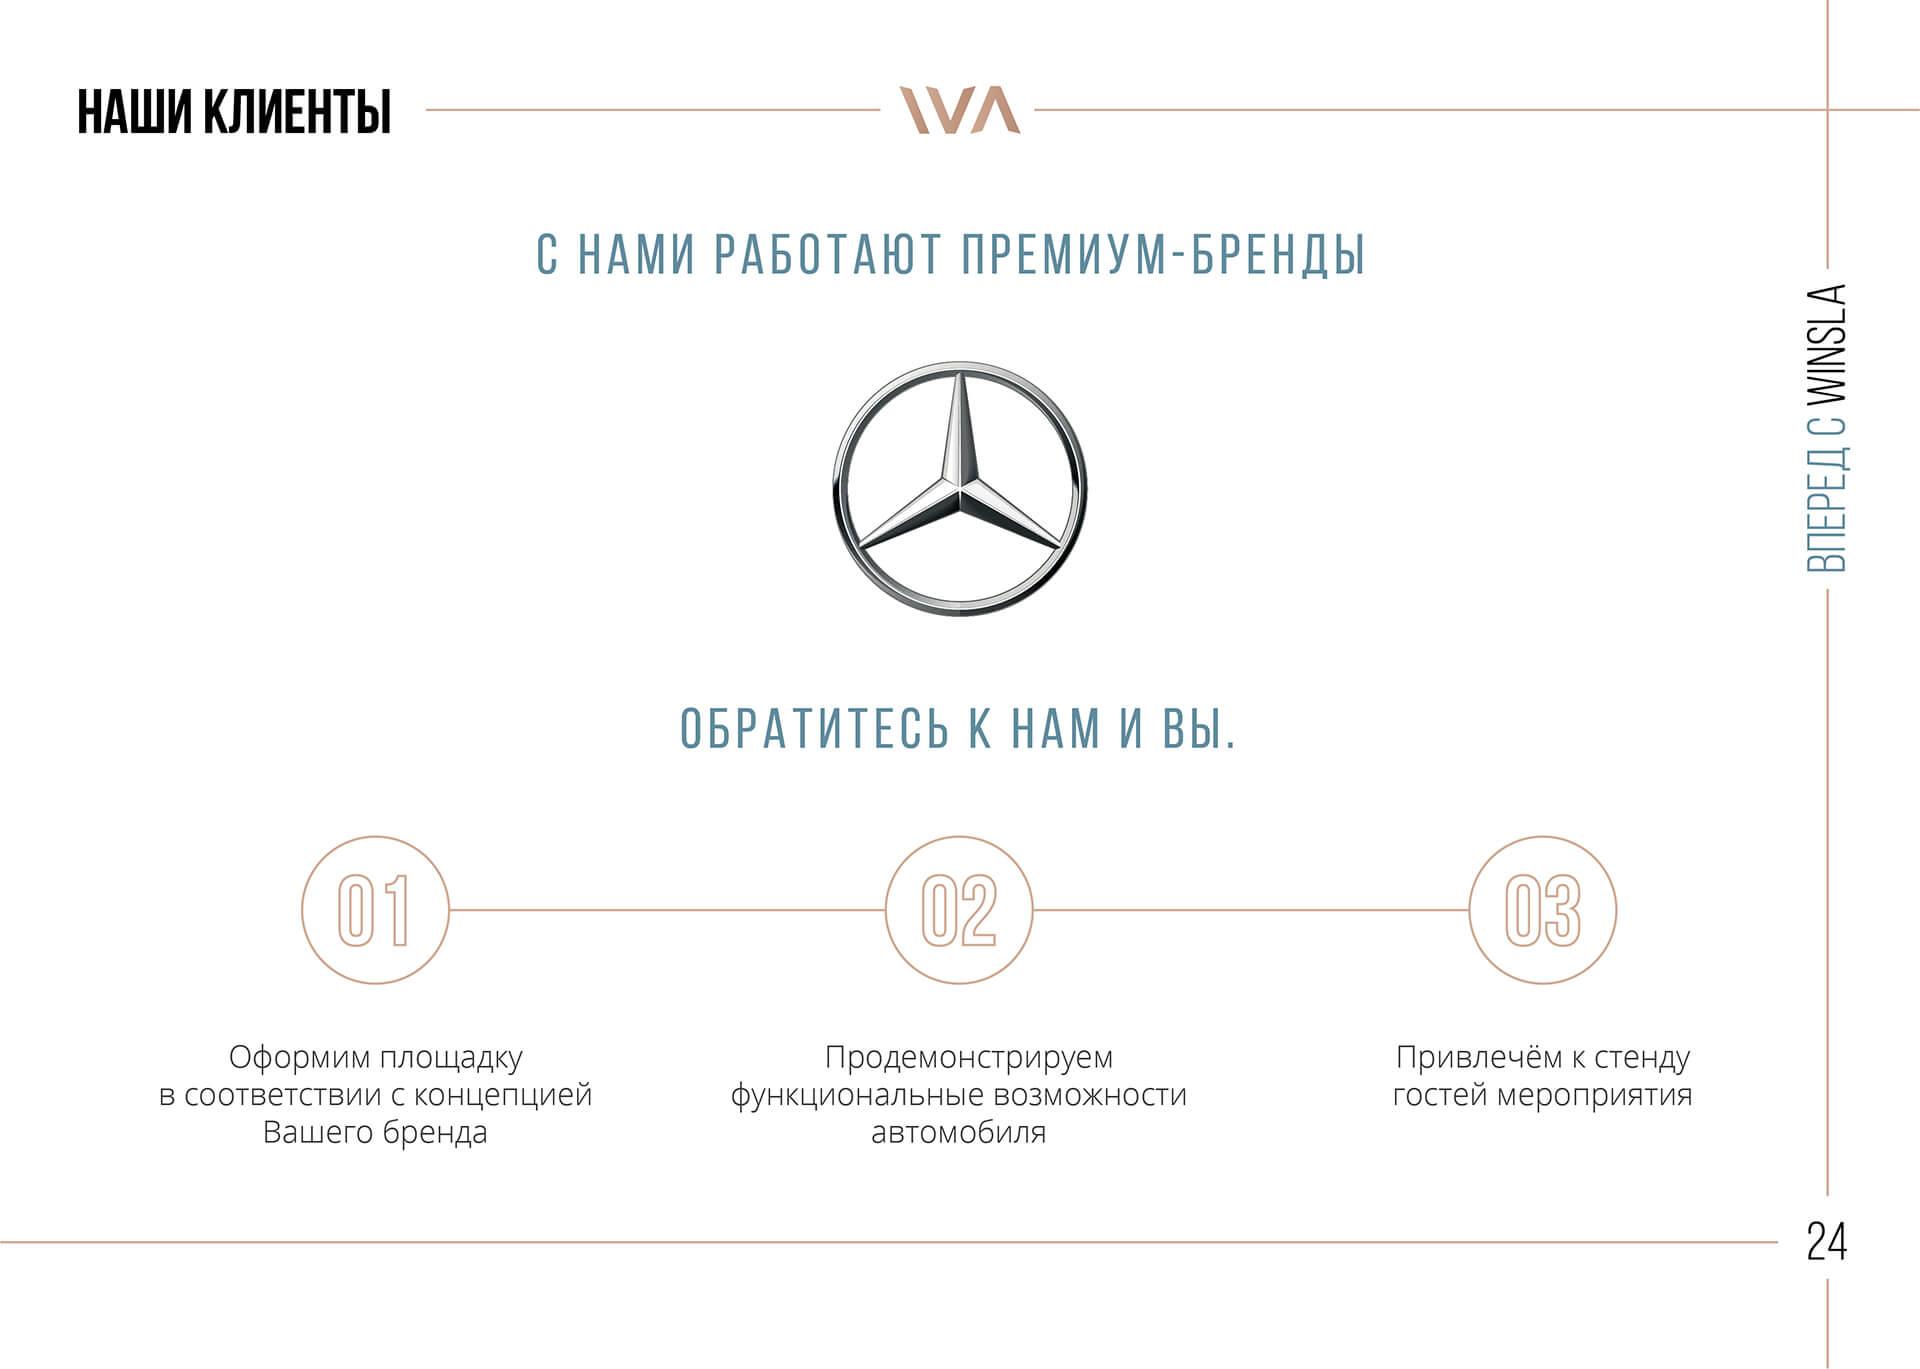 Фирменный стиль event-компании, пример разработки бренда